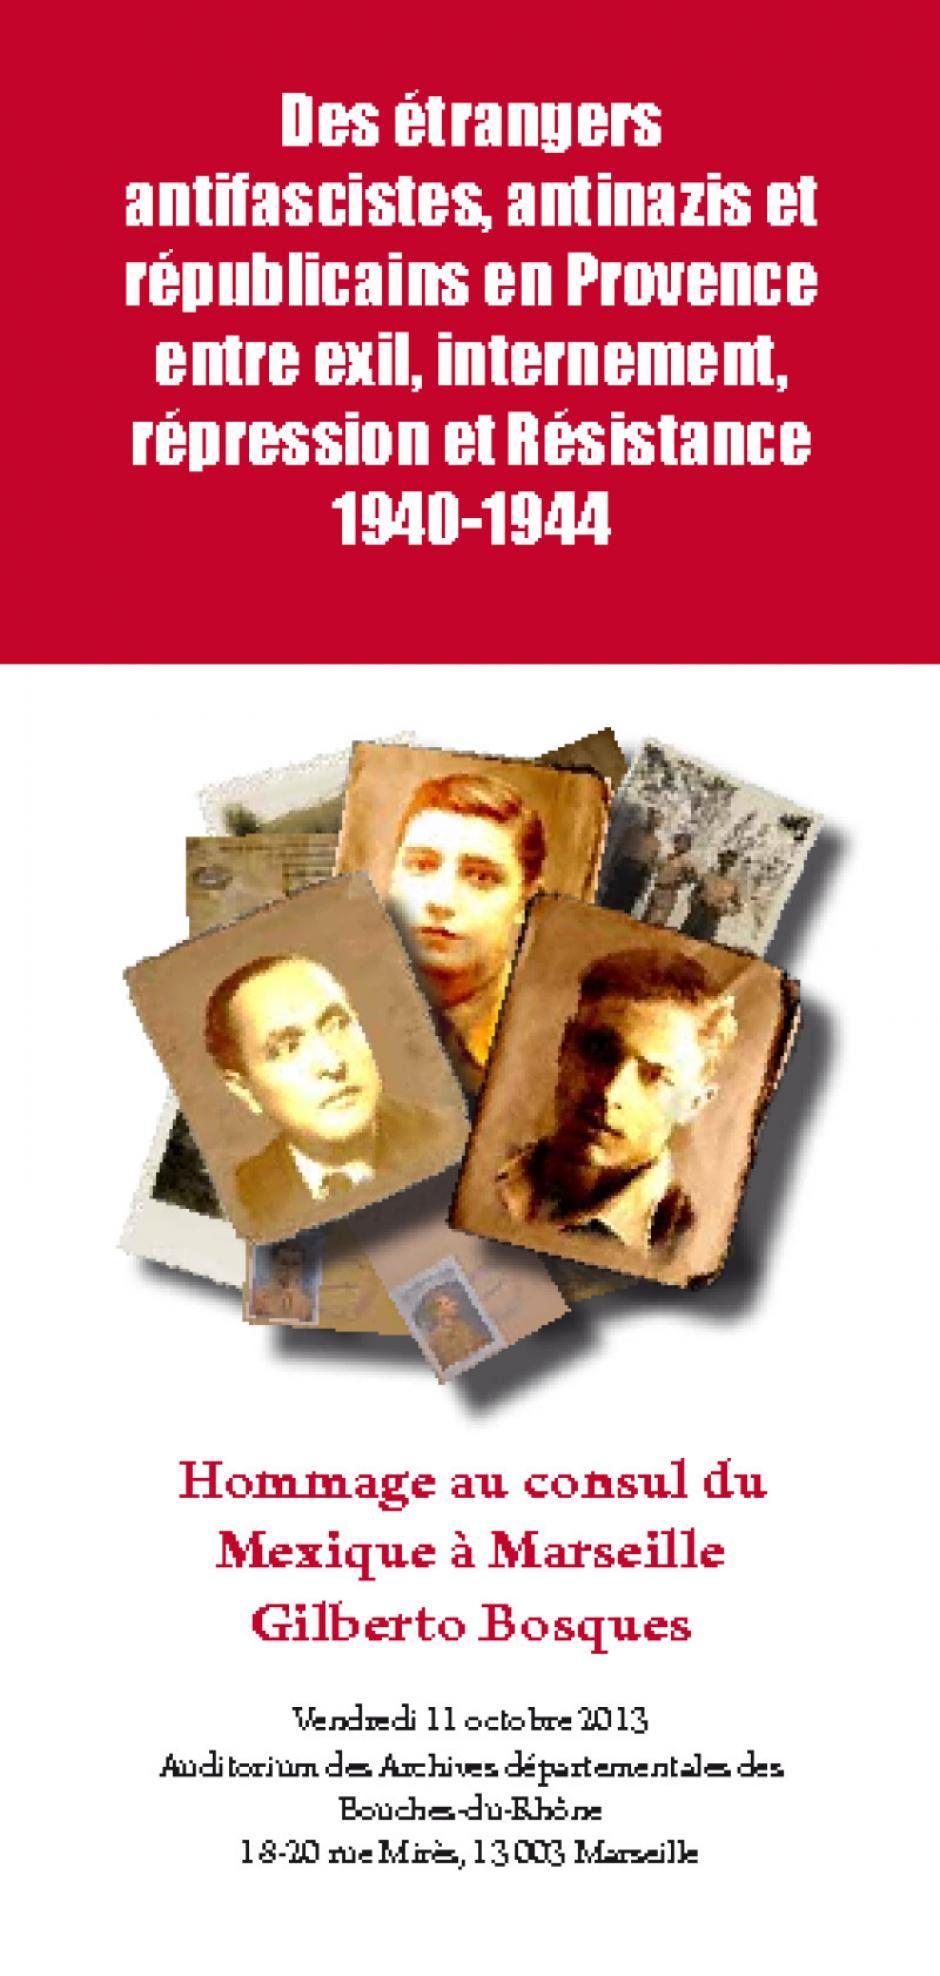 Des étrangers antifascistes, antinazis et républicains en Provence entre exil, internement, répression et Résistance 1940-1944